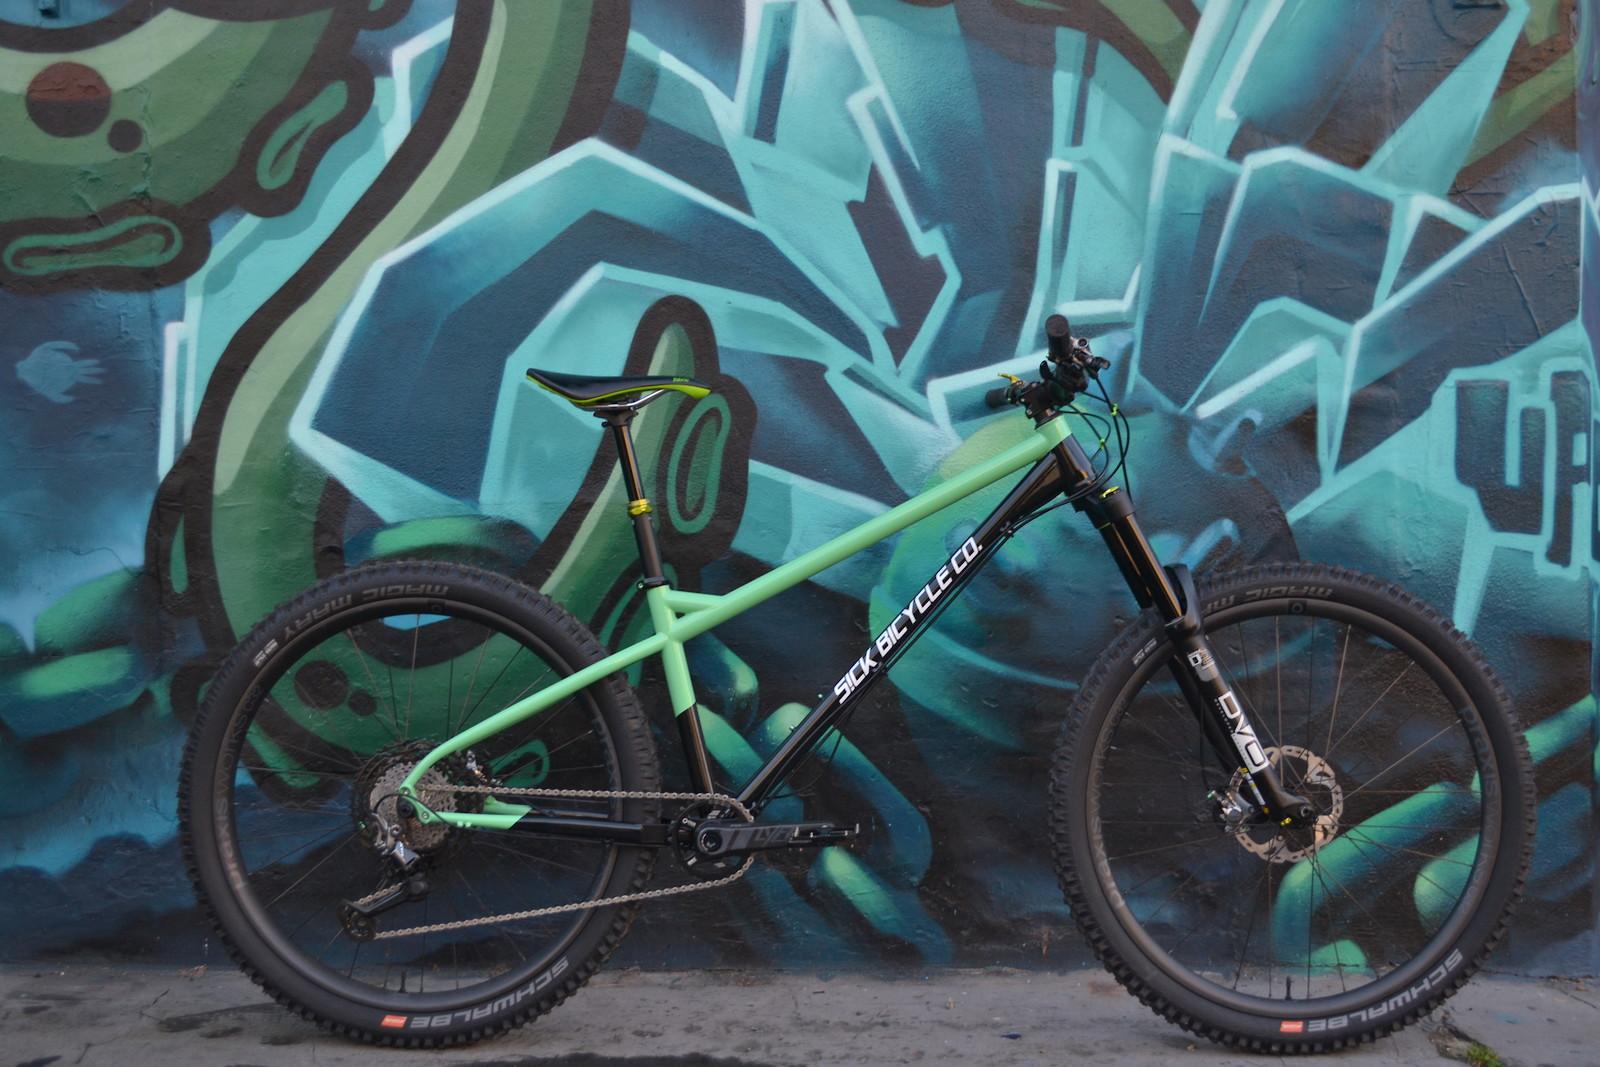 Sick bike co Shrike Minty build